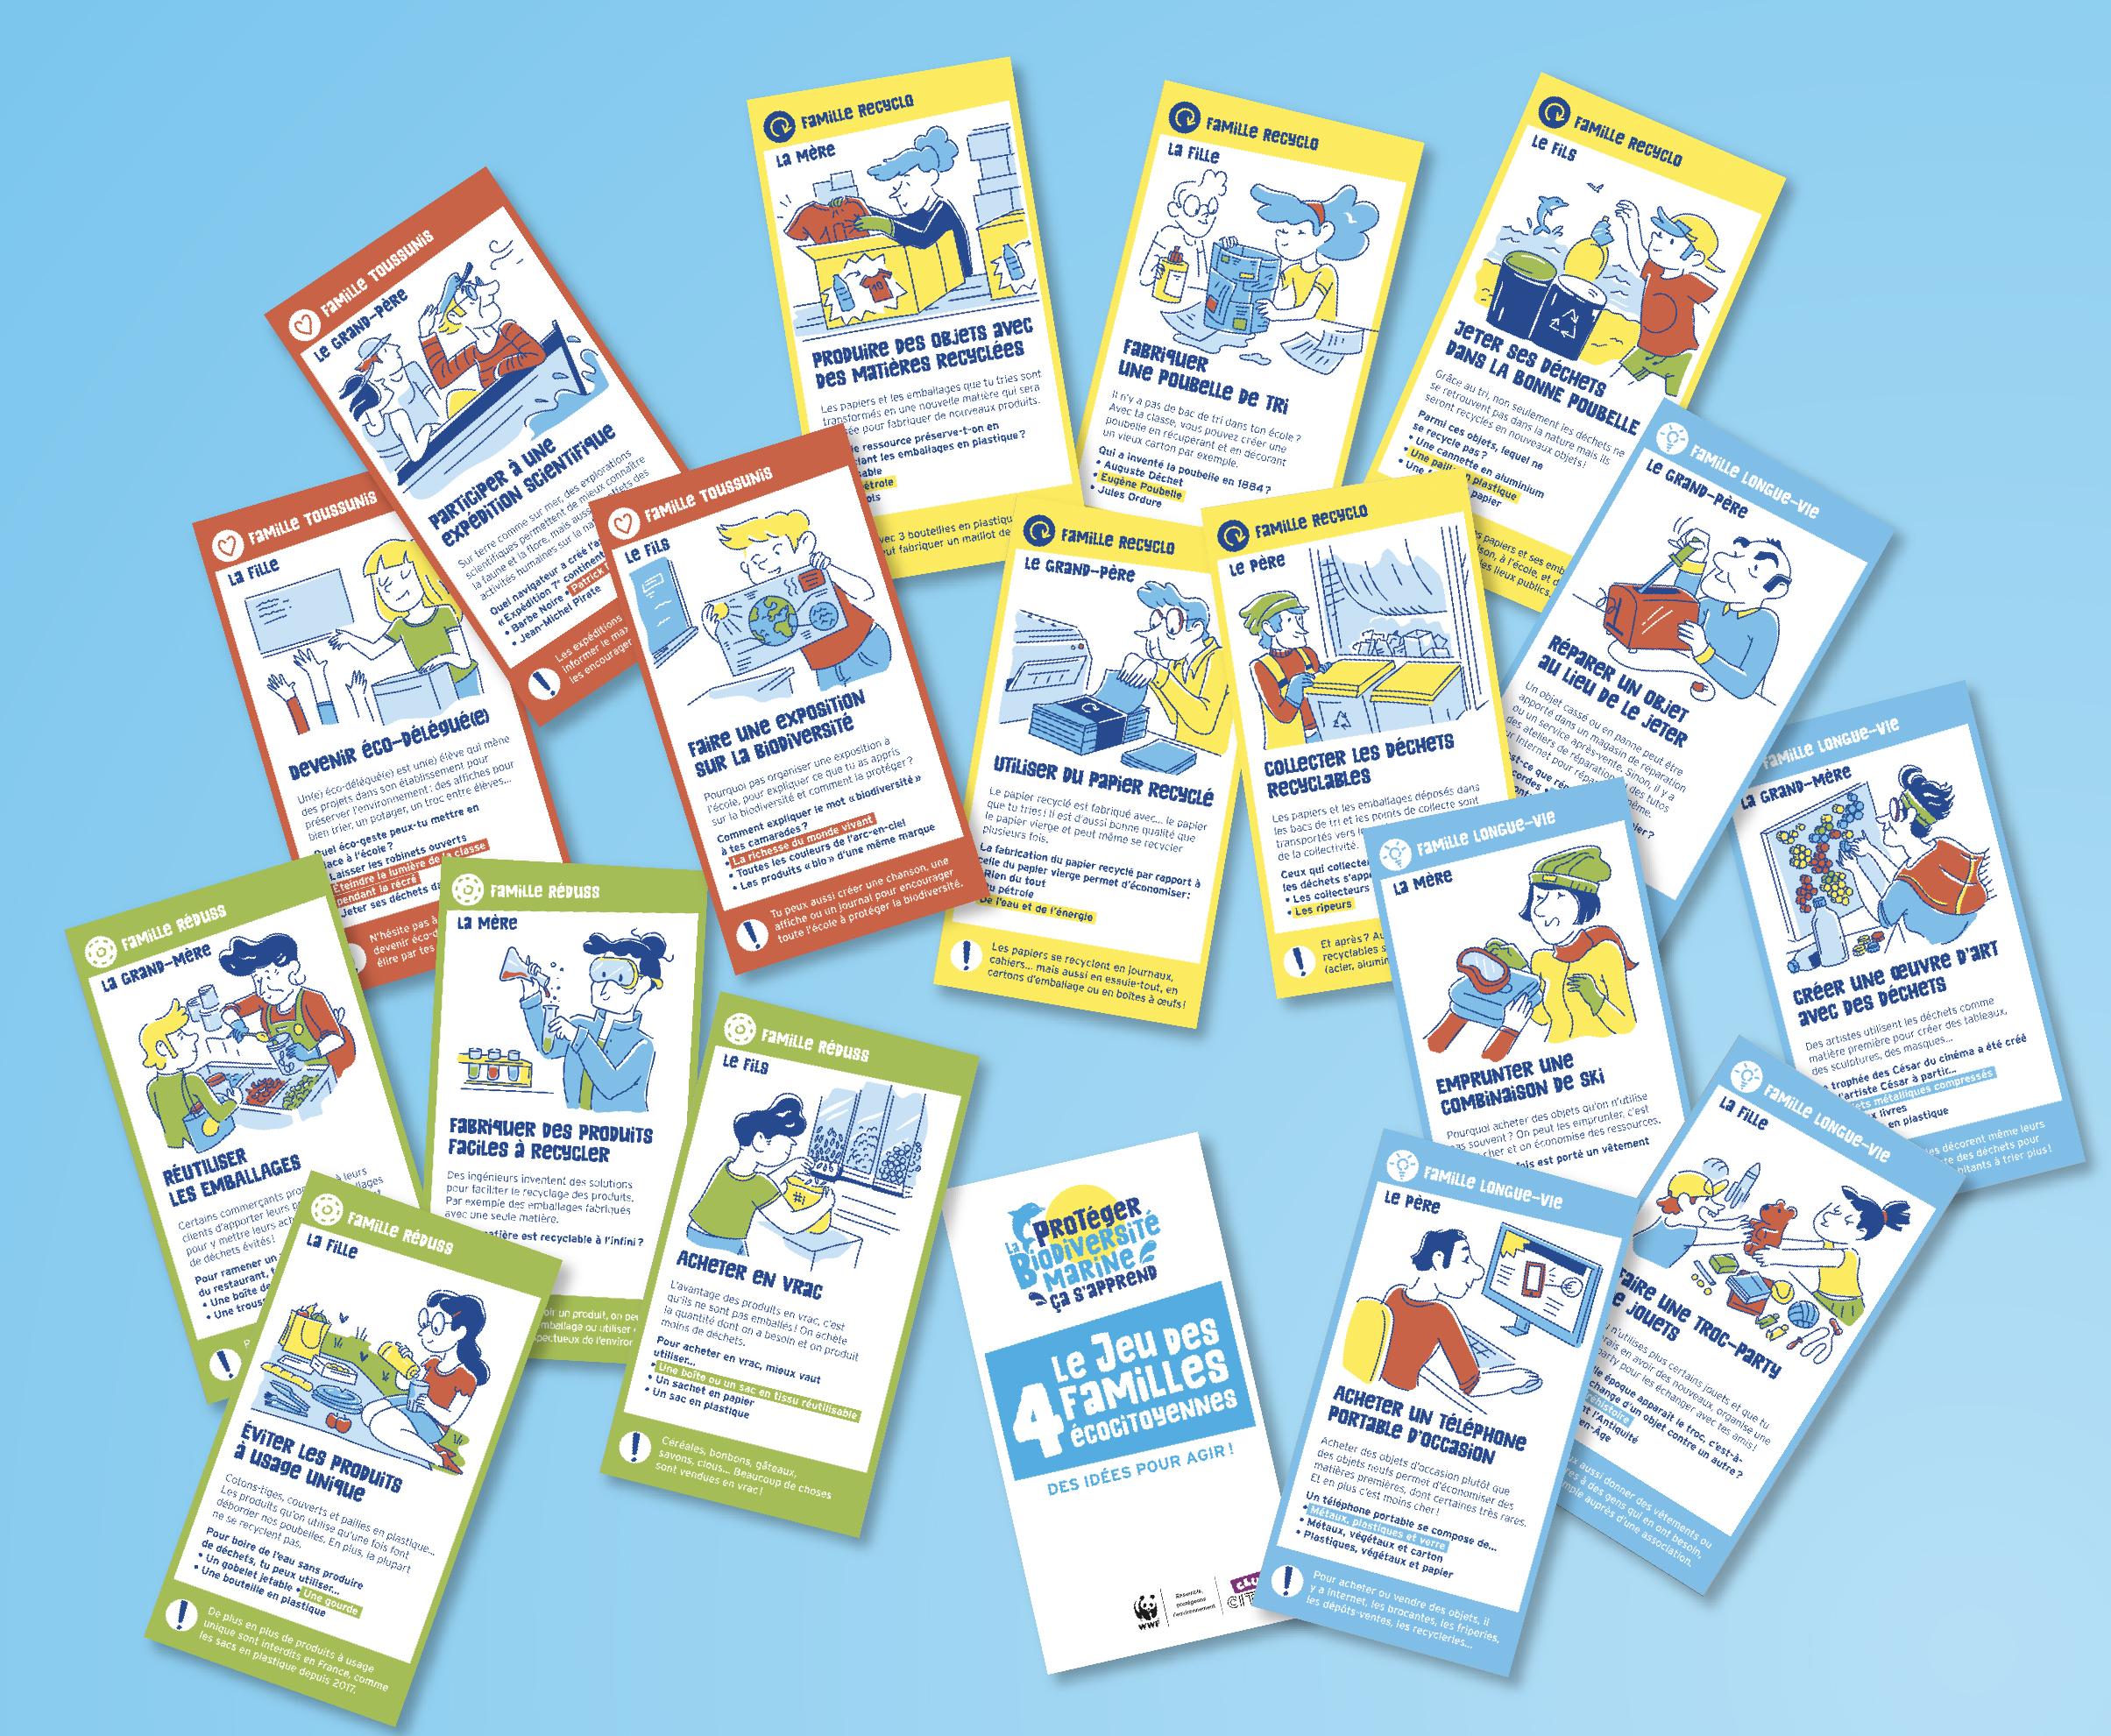 https://services.atelier-des-giboulees.com/storage/uploads/d432e01e-6b73-404e-b53c-b1bdd0573347/210401-giboulees-citeo-03-galerie-2-3-copie.jpg